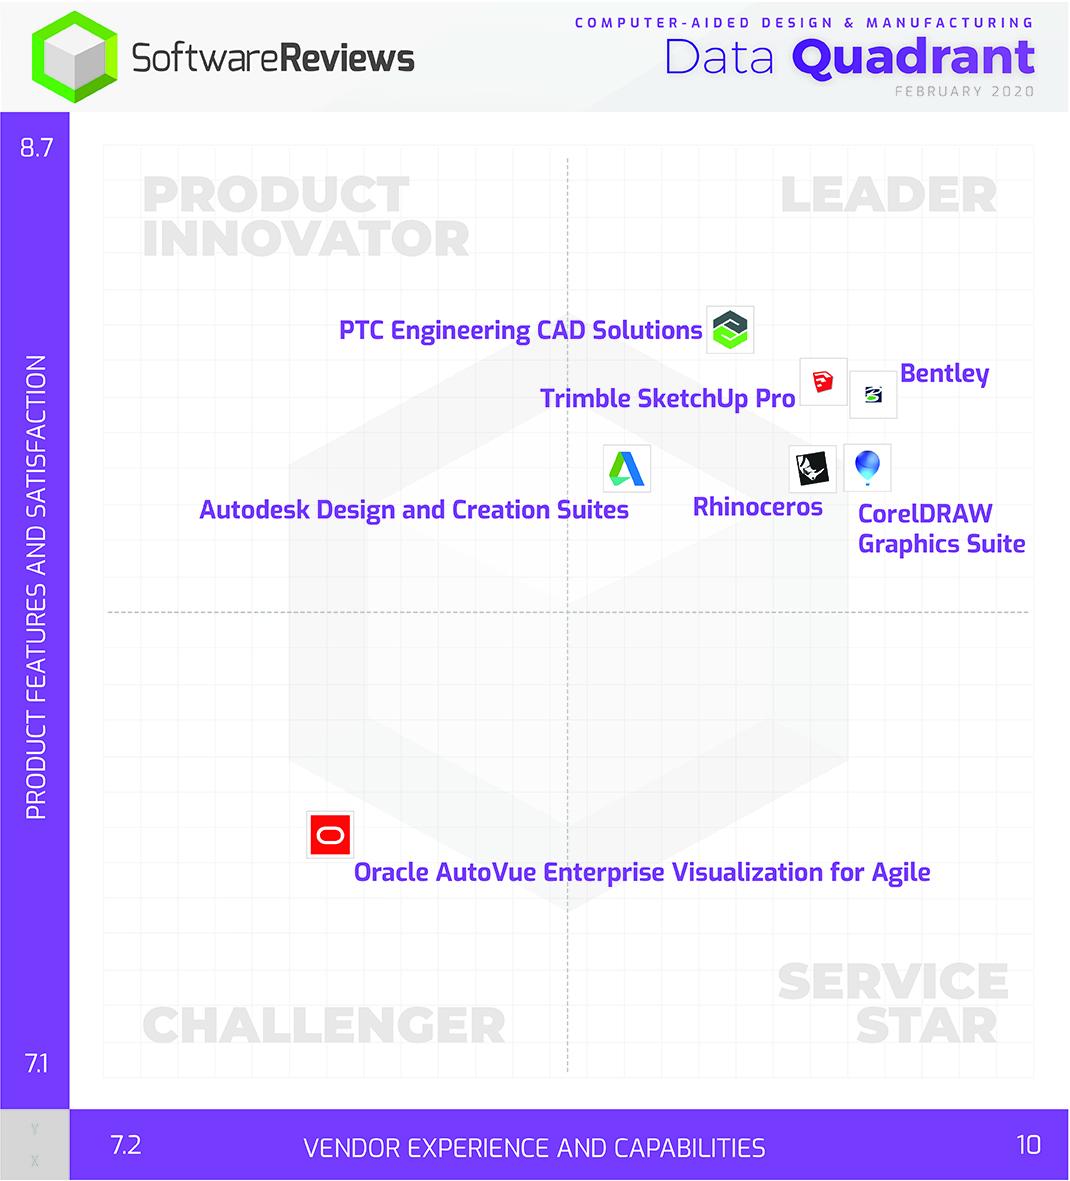 Computer-Aided Design & Manufacturing Data Quadrant